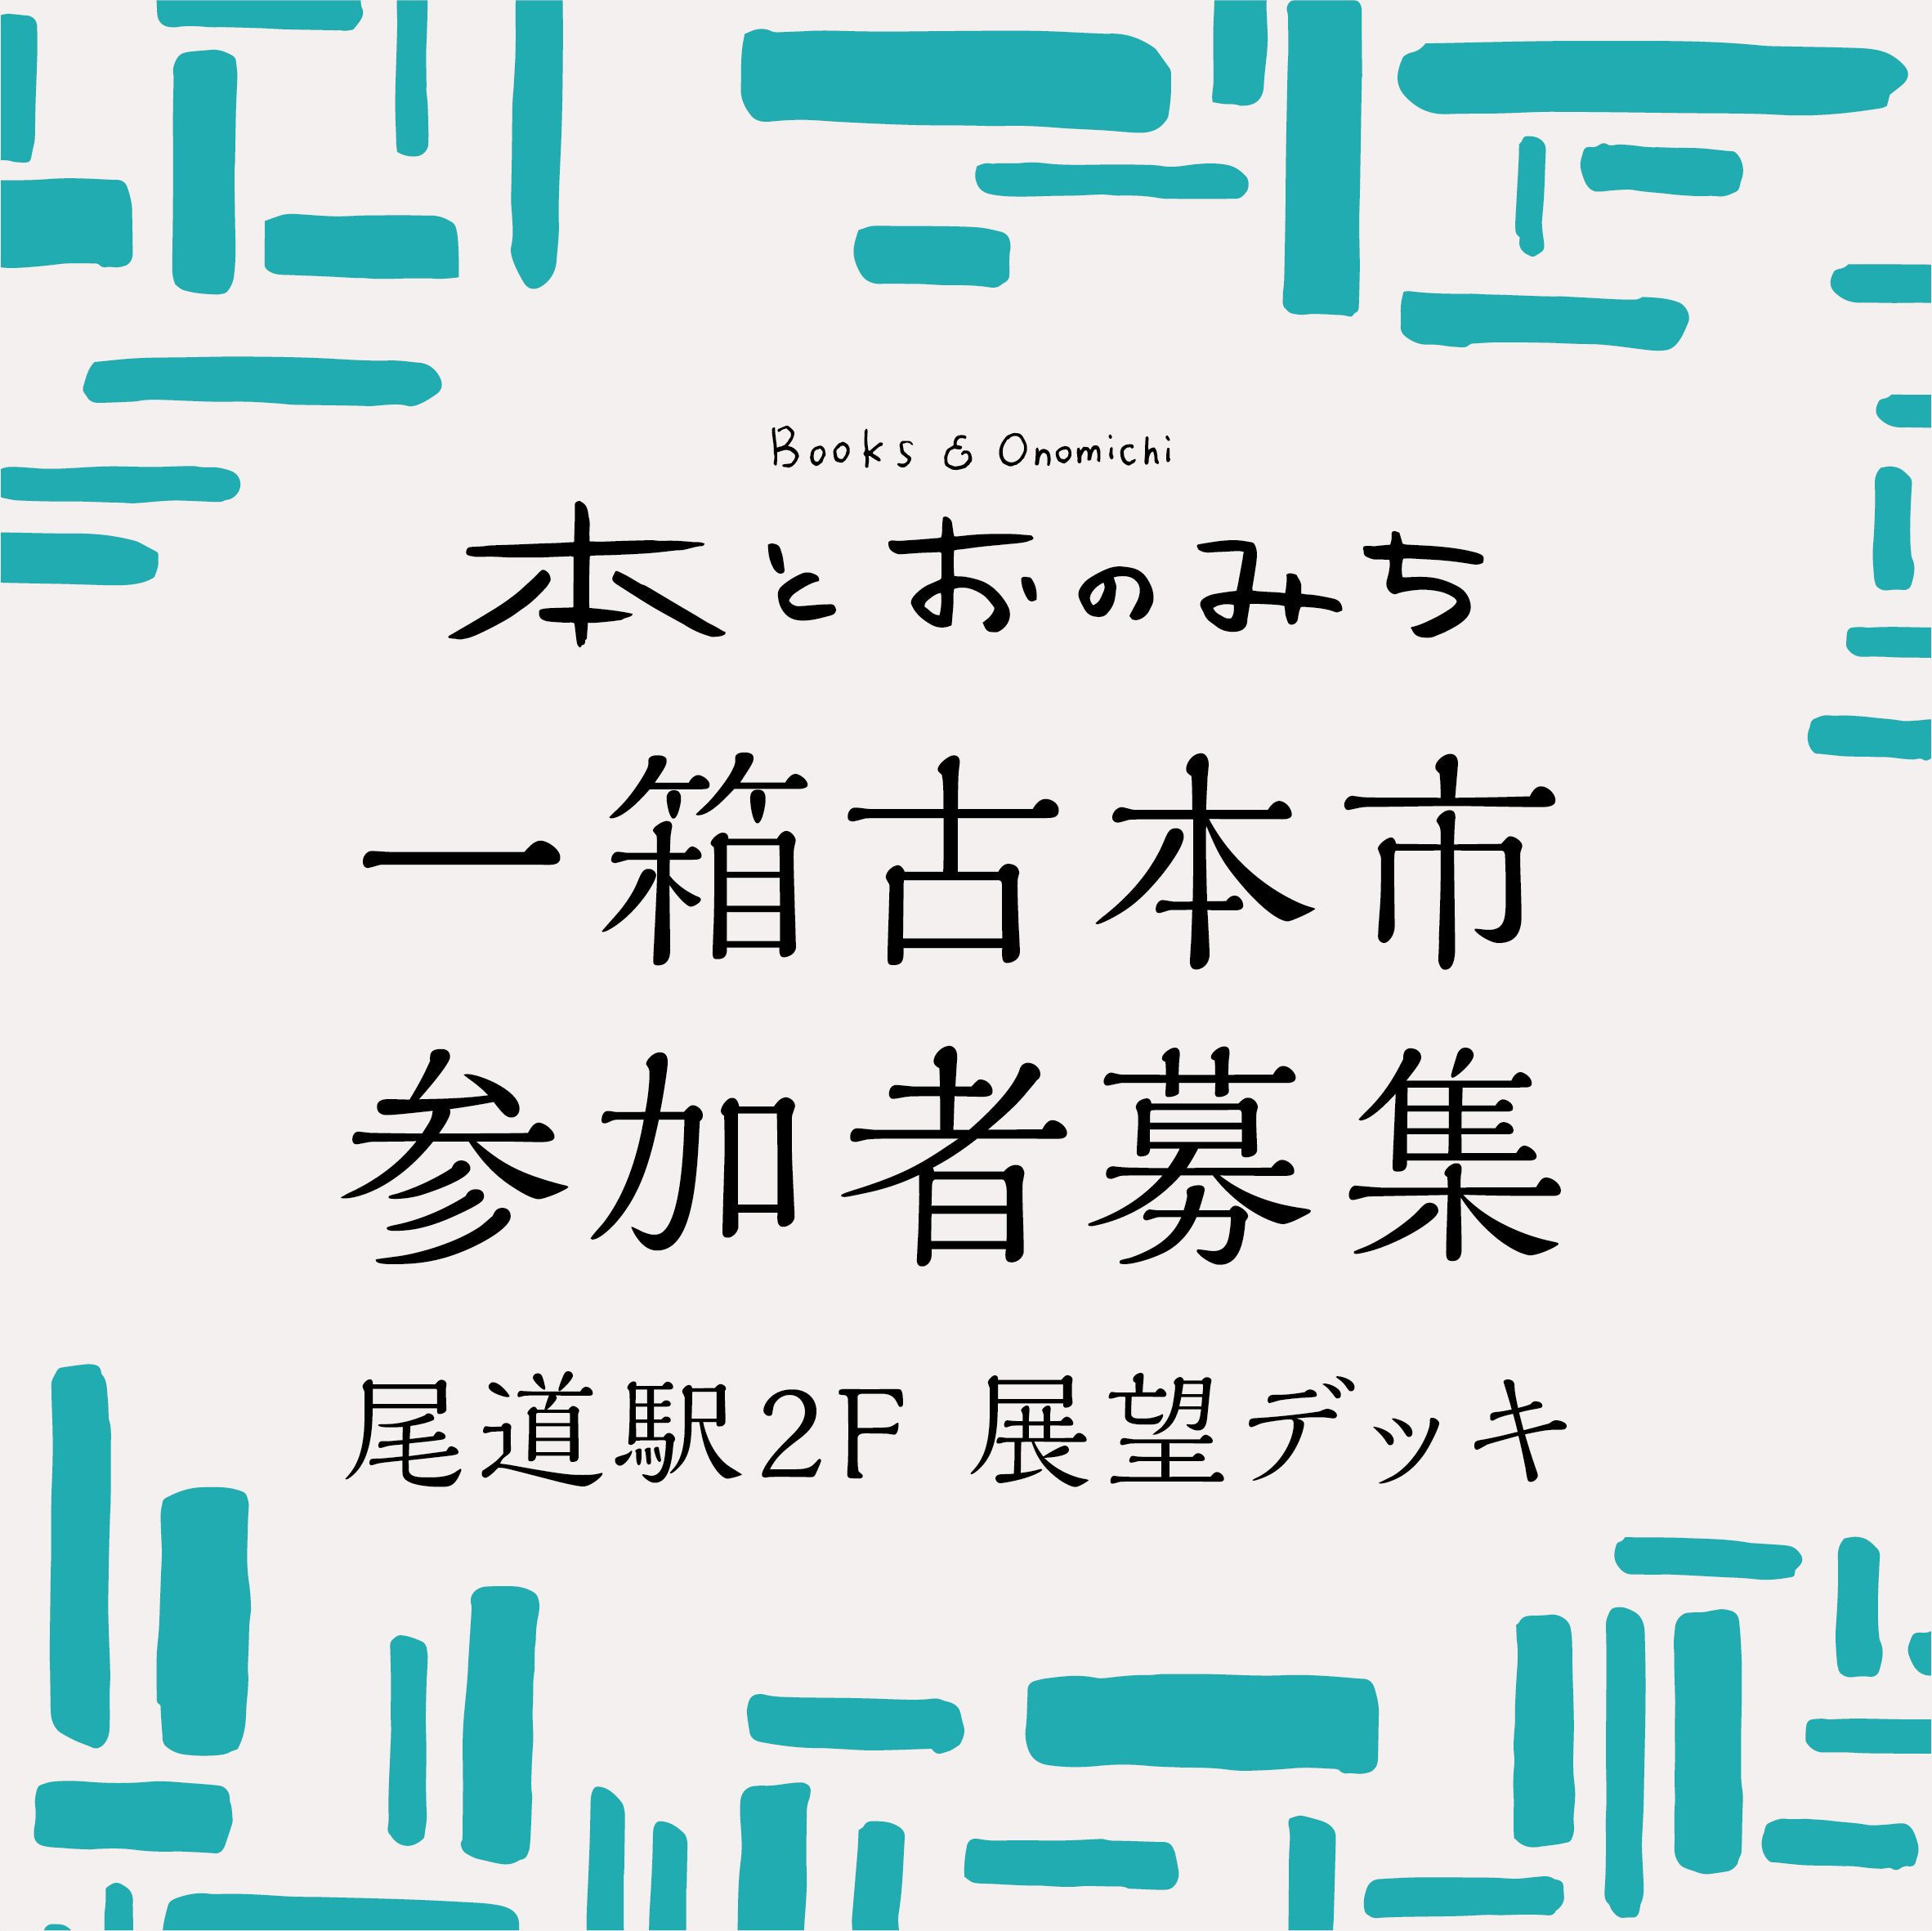 「本とおのみち」本をテーマに尾道のまちをめぐるブックイベント